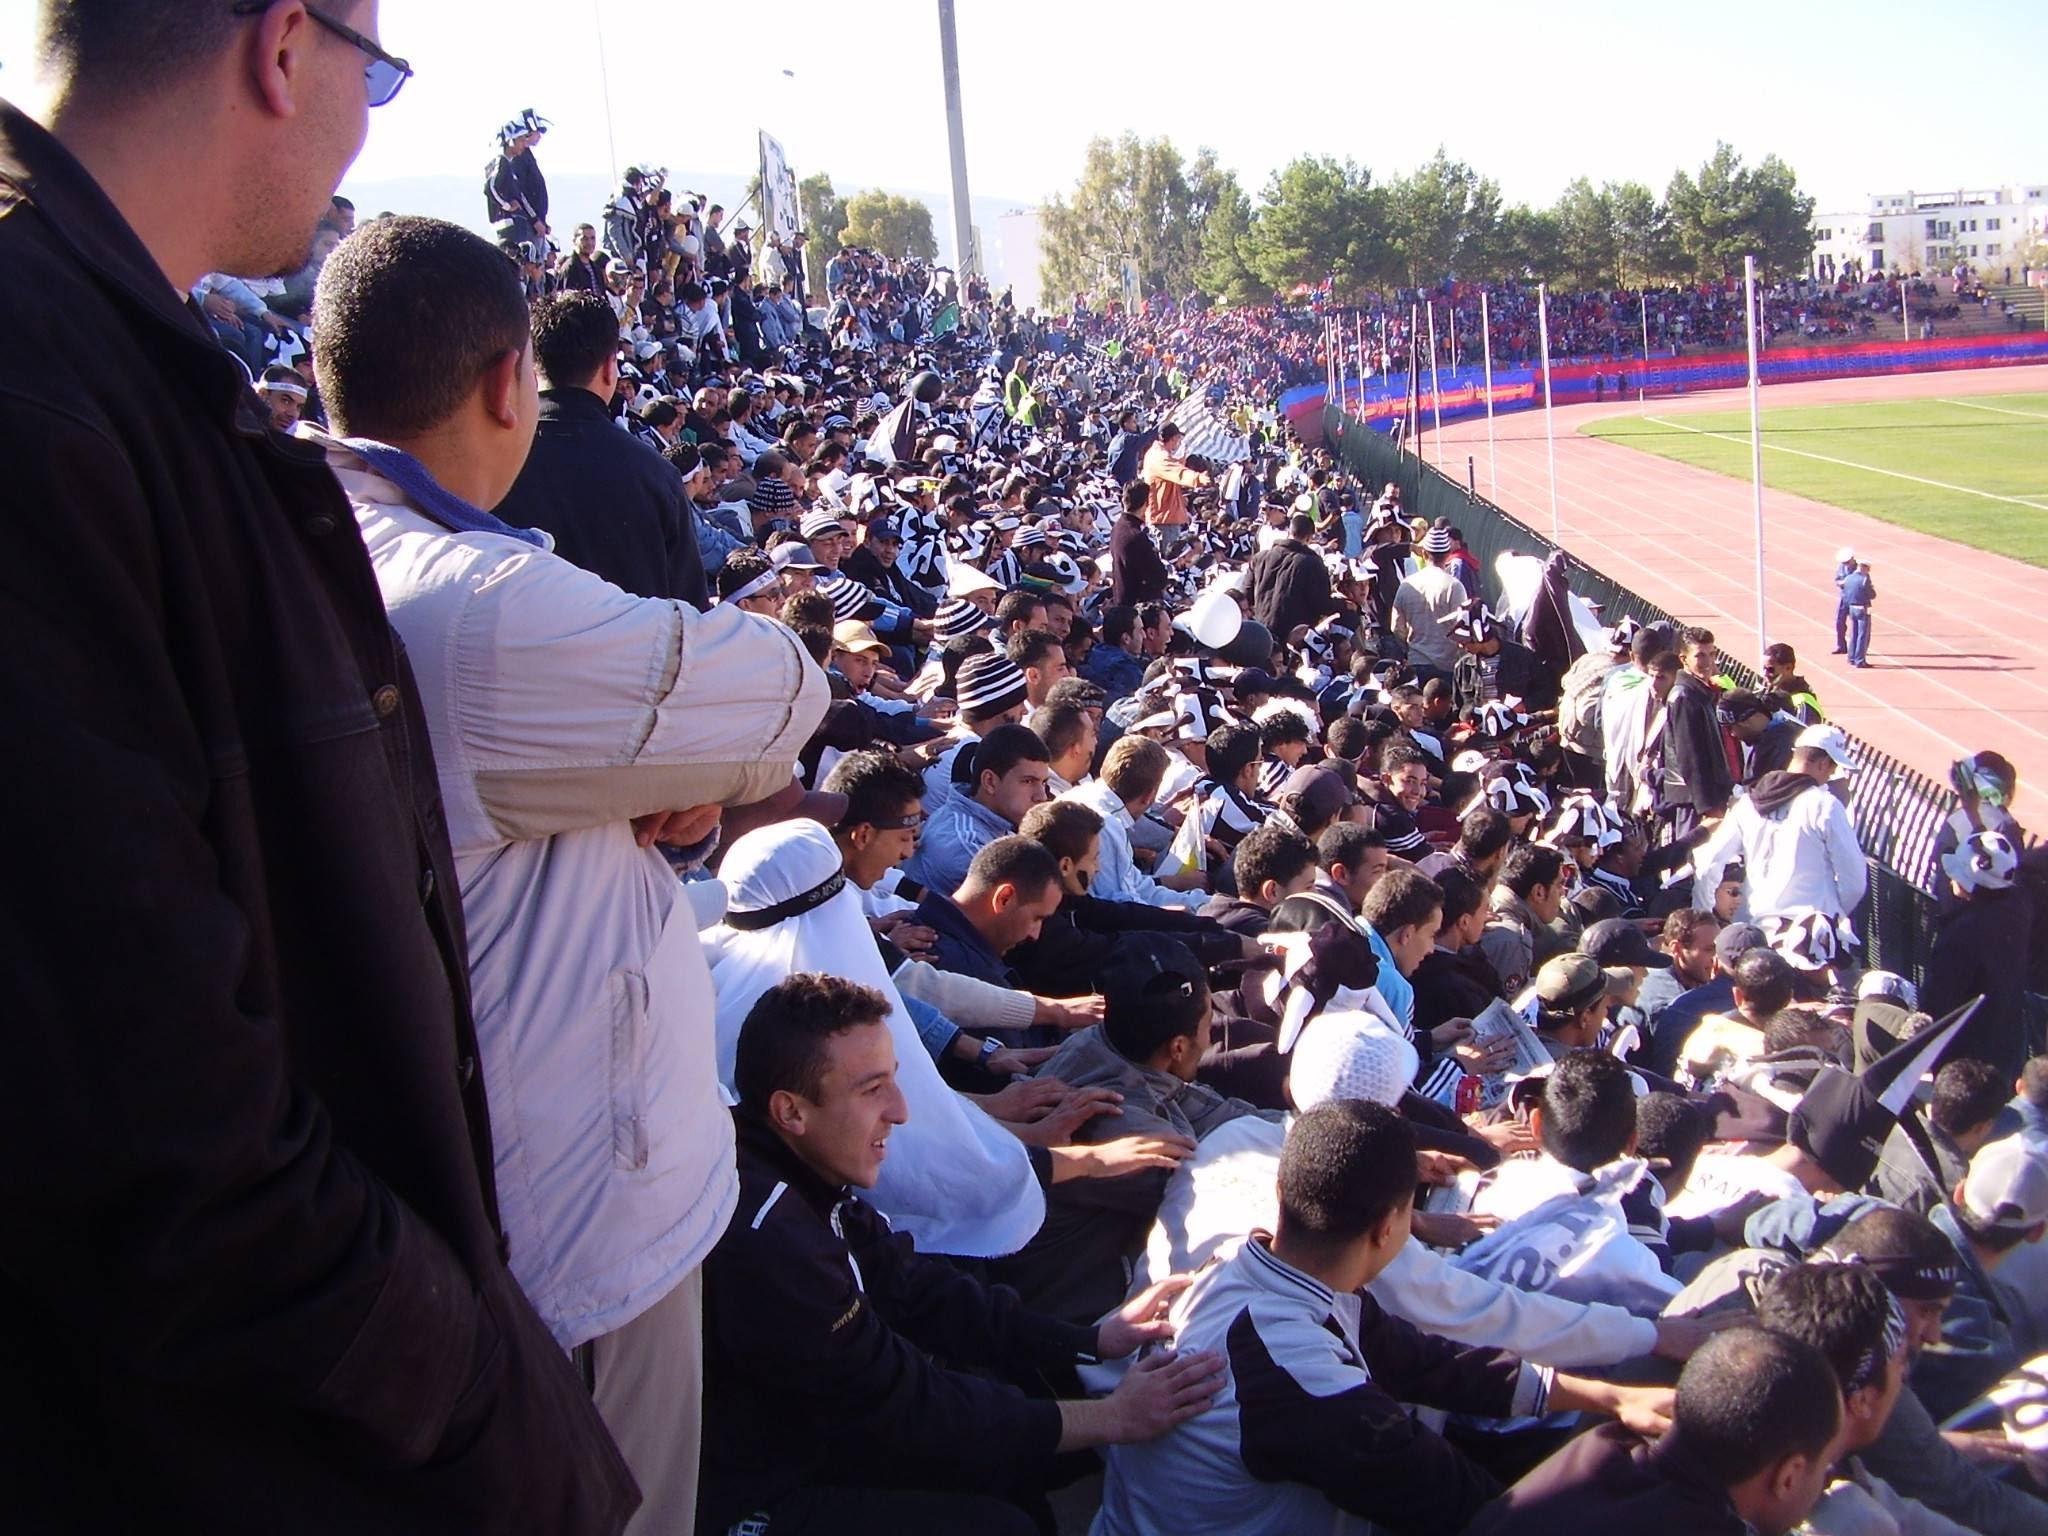 MSPB CAB 2007 Mouloudia Sportive Populaire De Batna